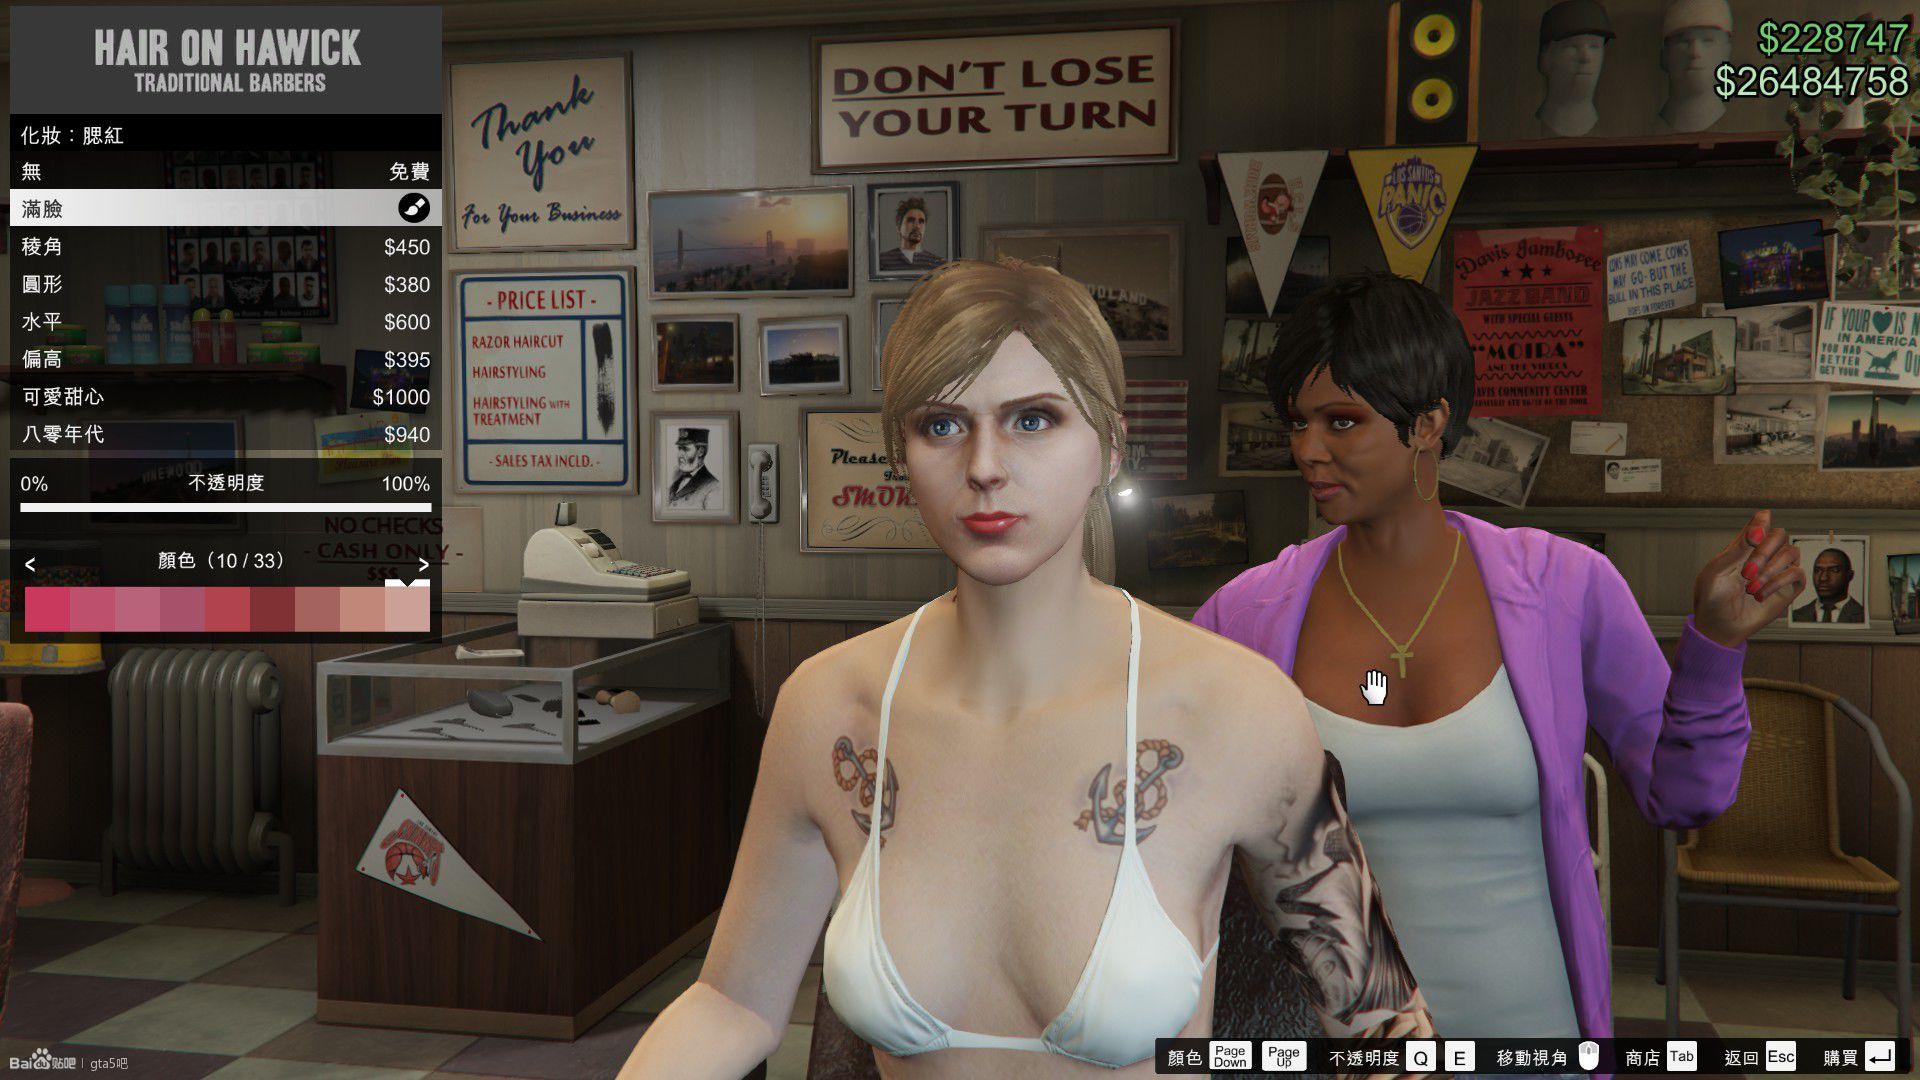 【捏脸】GTA5女角色捏脸数据插图(14)